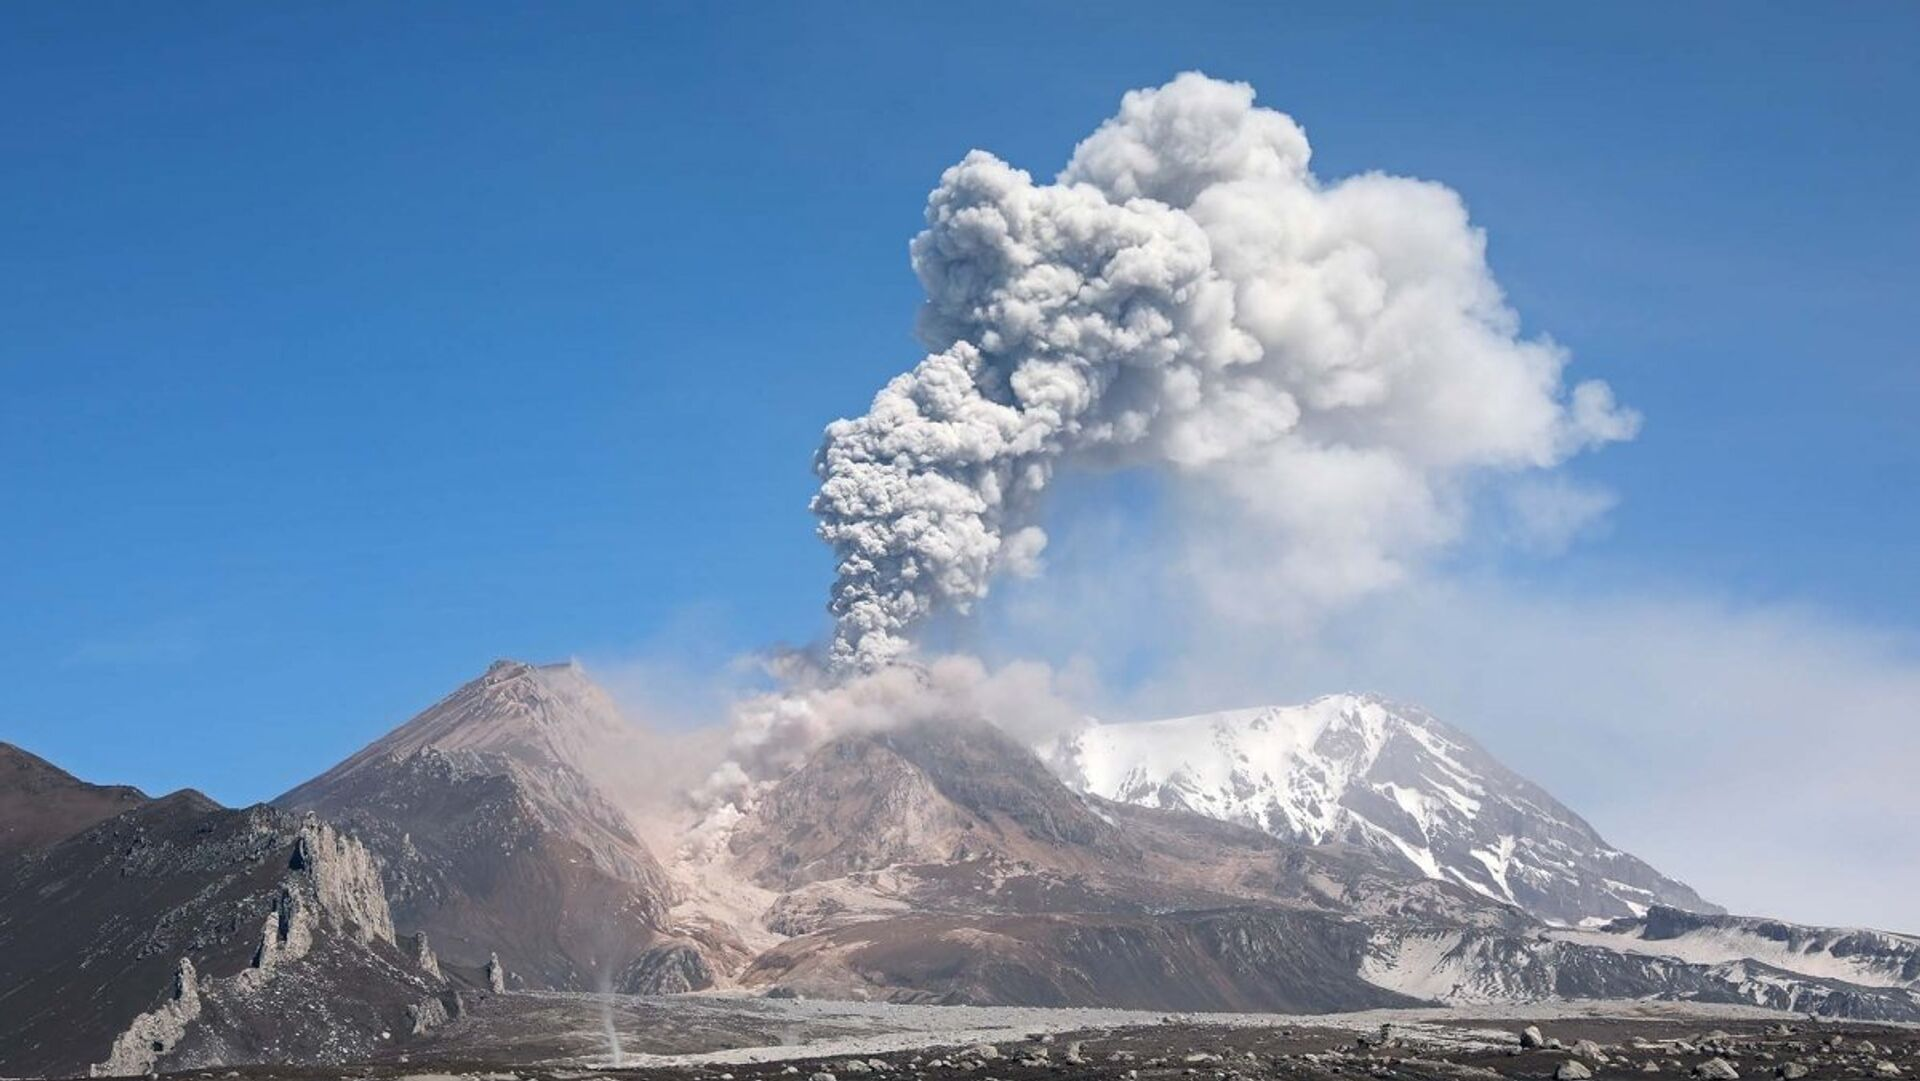 Ученые предупредили об угрозе катастрофического извержения супервулкана